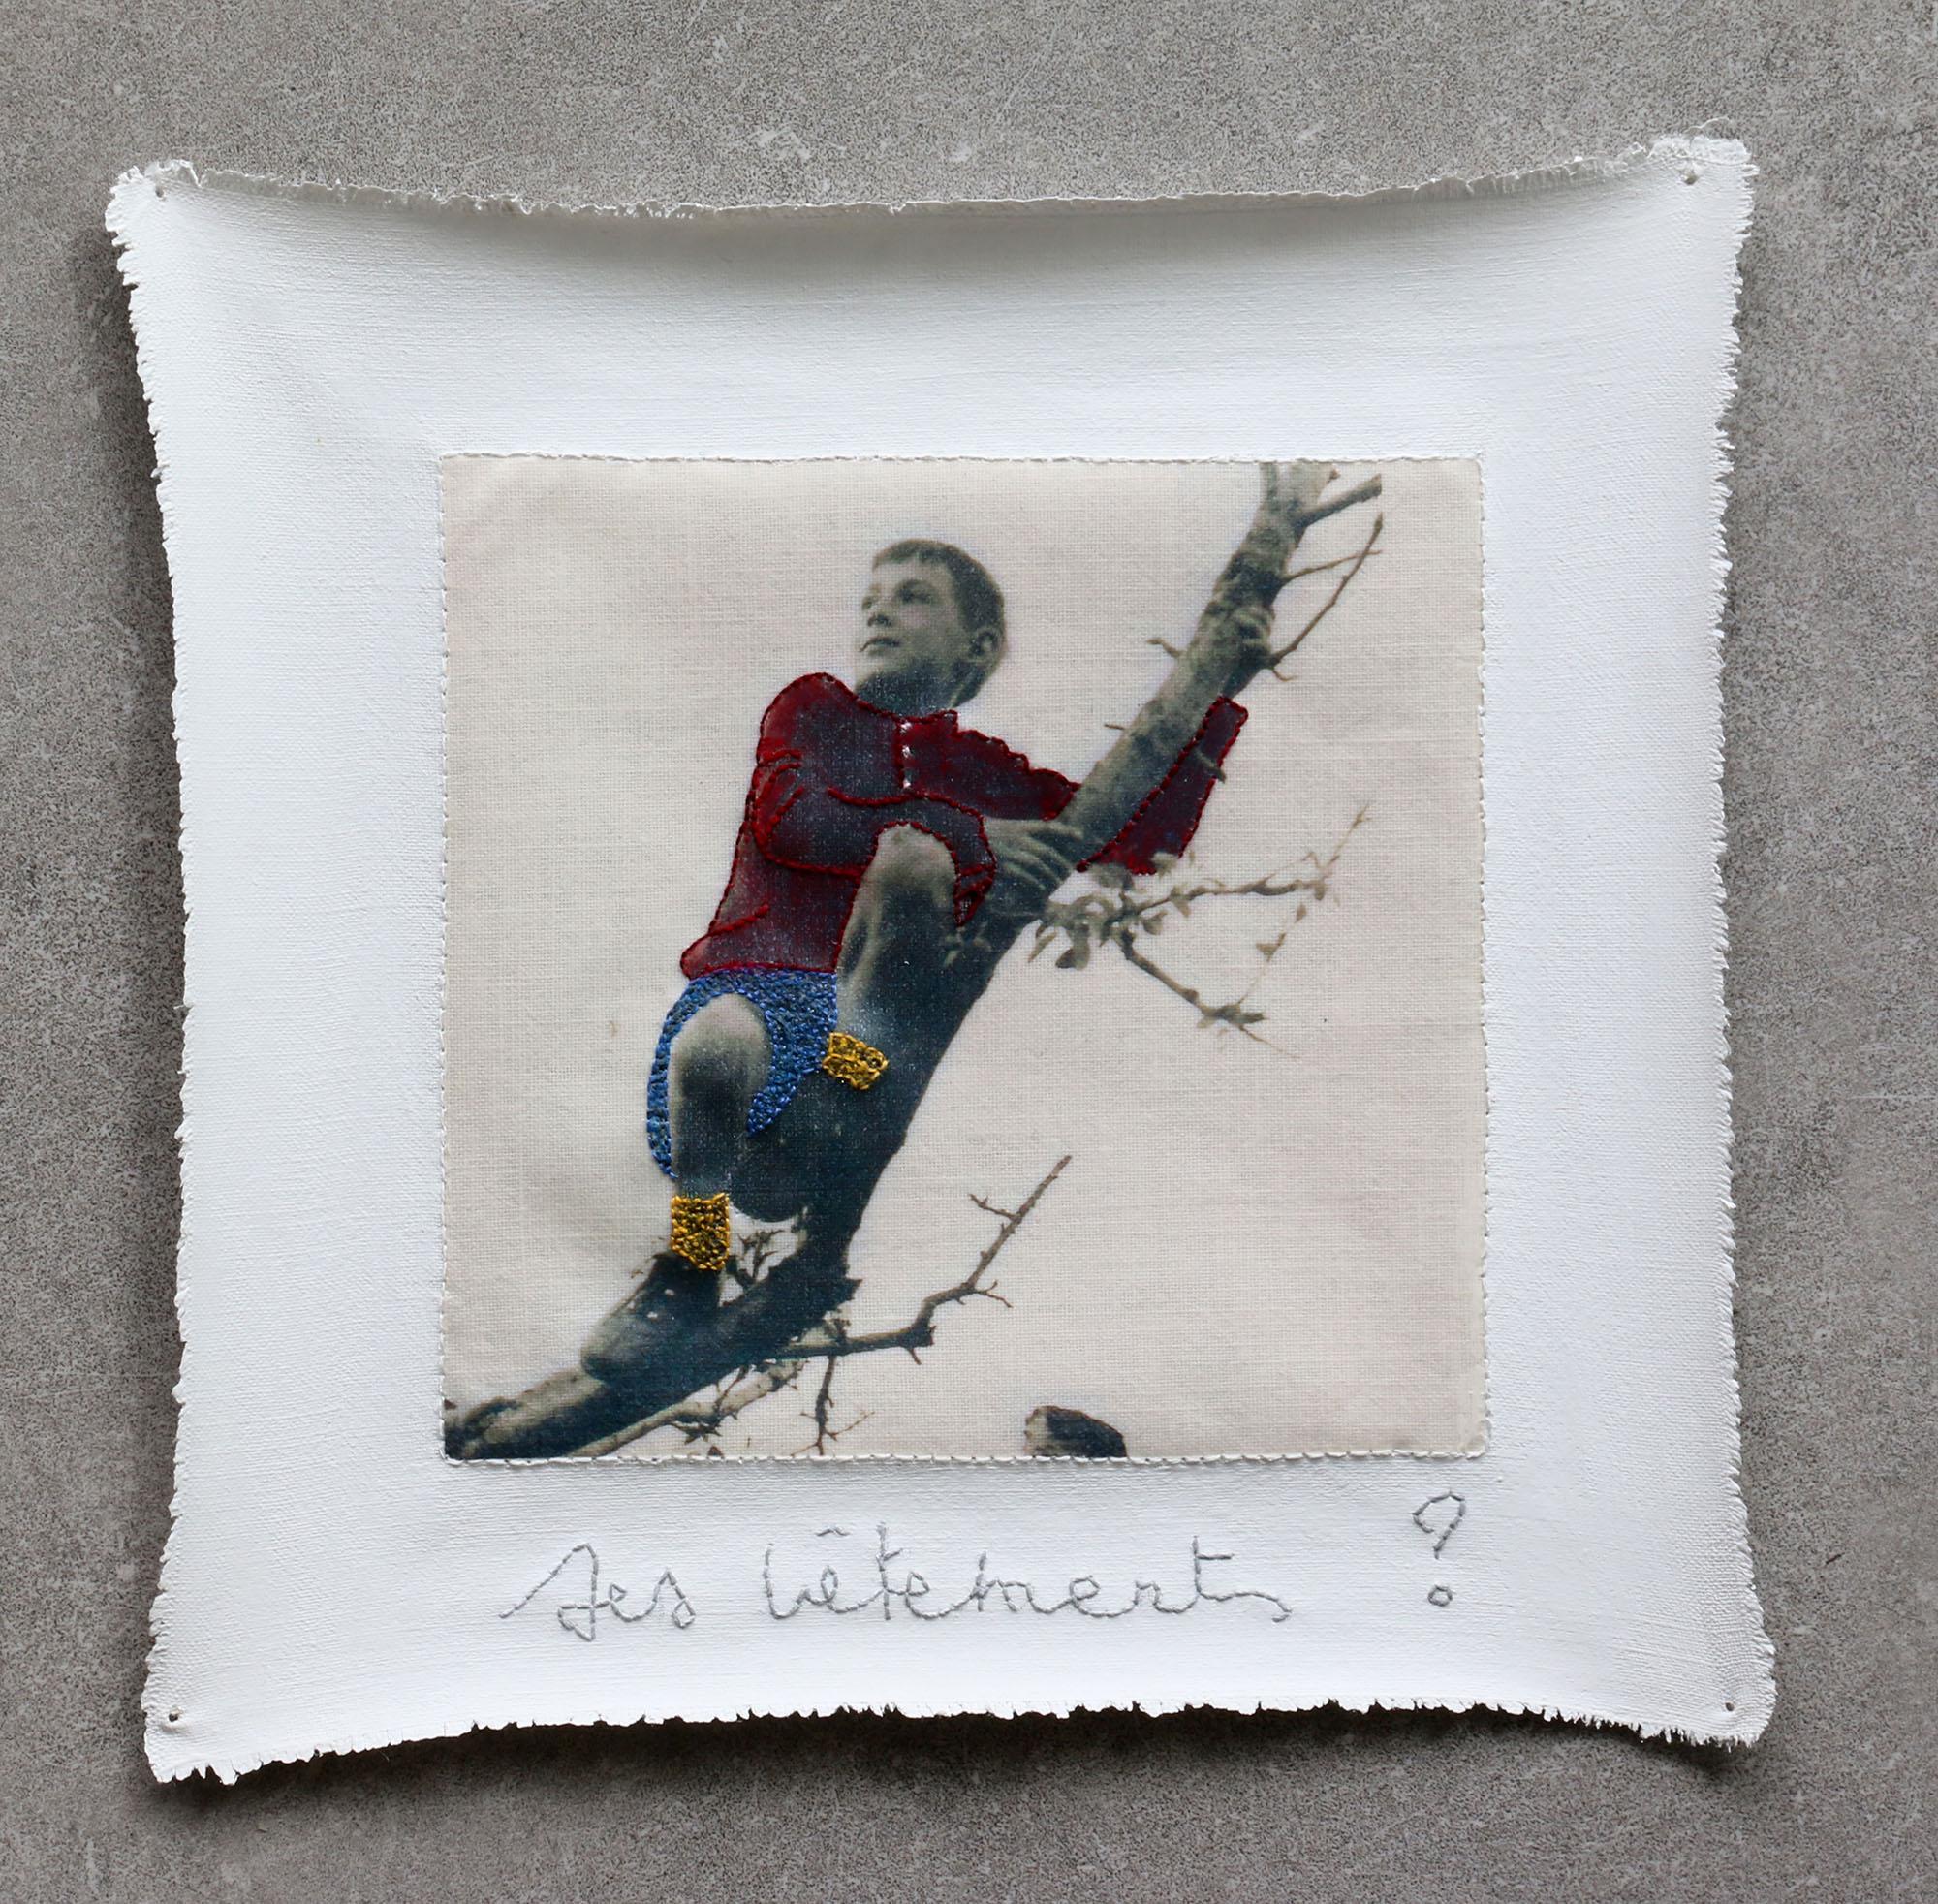 3 Ses vêtements 2019 peinture, broderies et transfert sur coton 18 x 18 cm